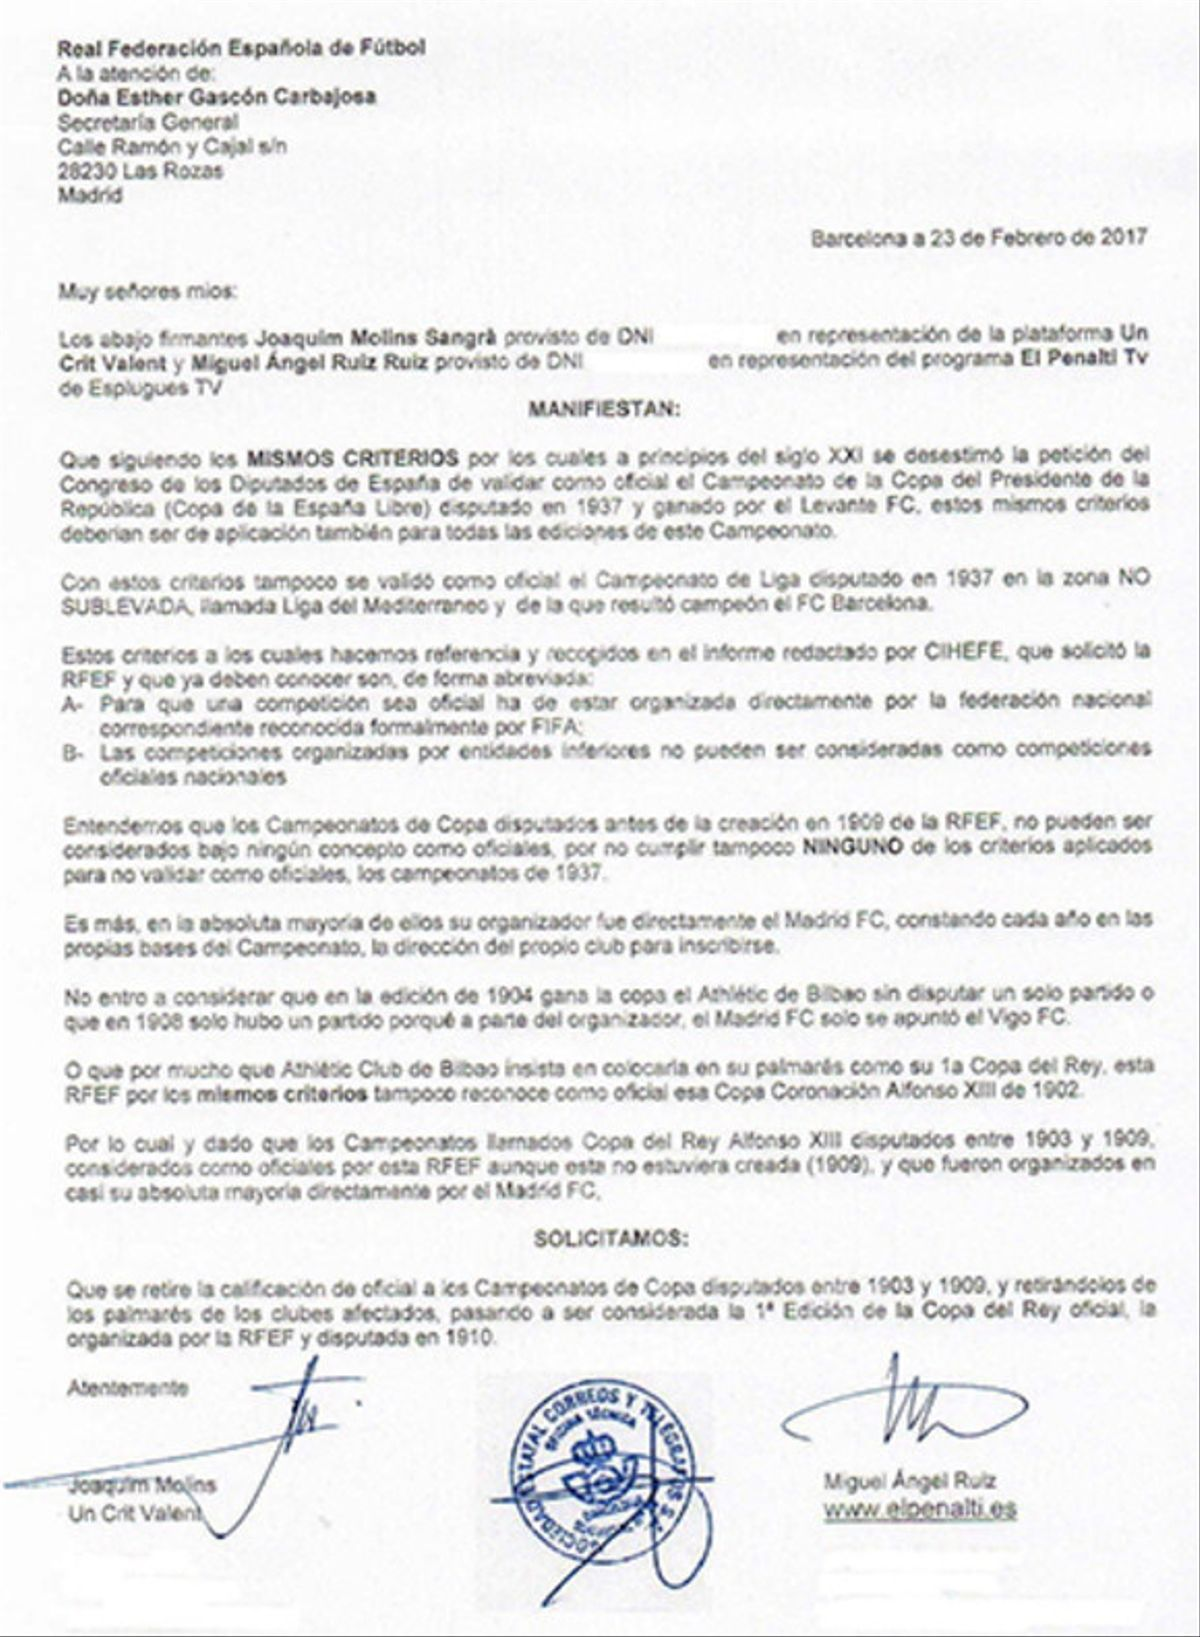 El documento enviado a la RFEF